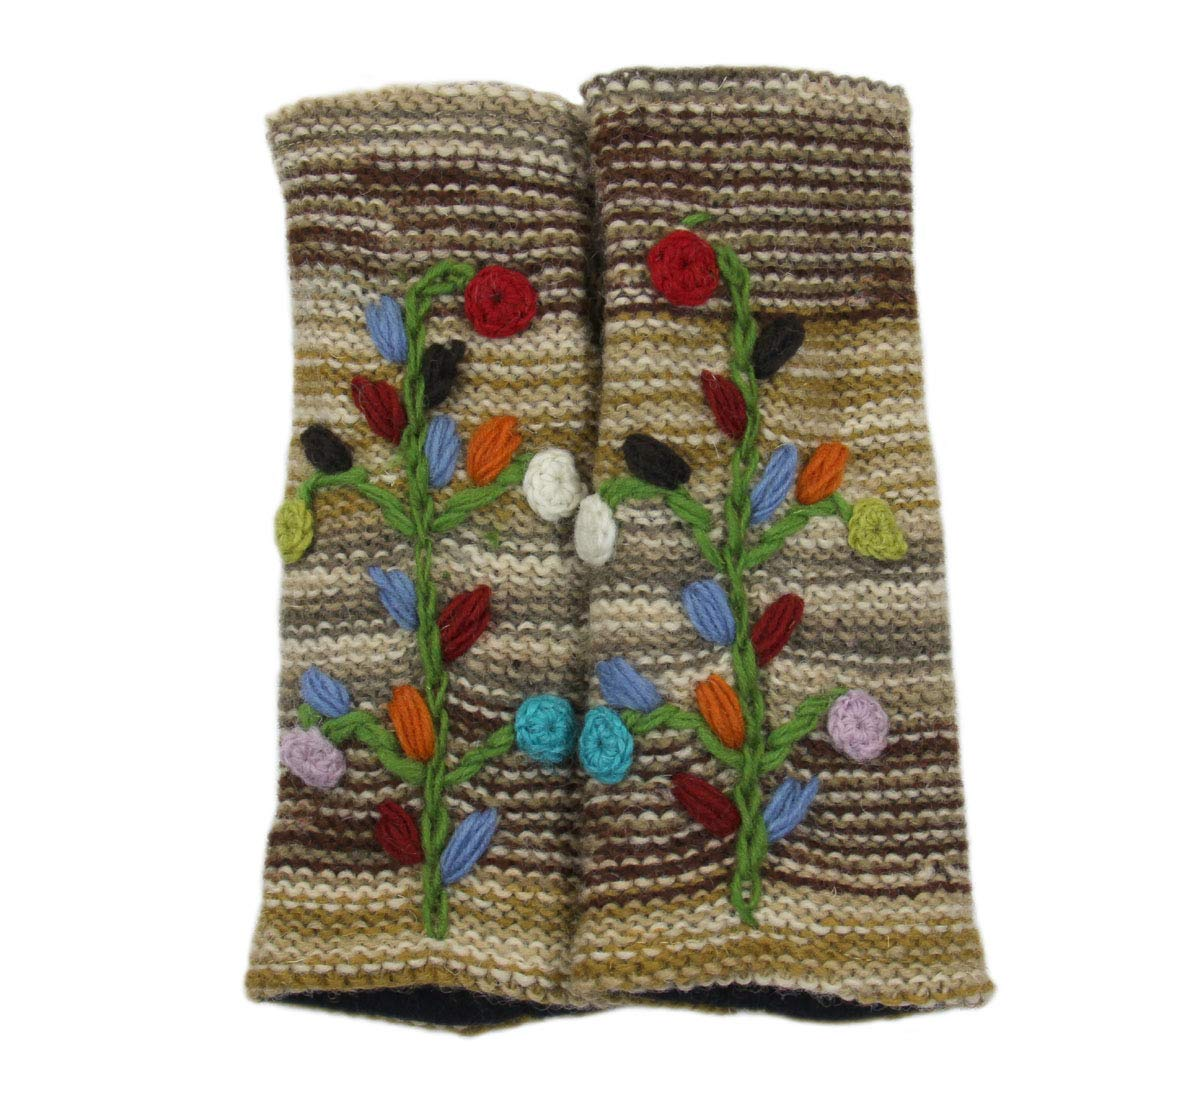 Hand Knit 100% Wool Fleece Lined Hand Warmer/Glove (BROWN/BEIGE/MULTI)